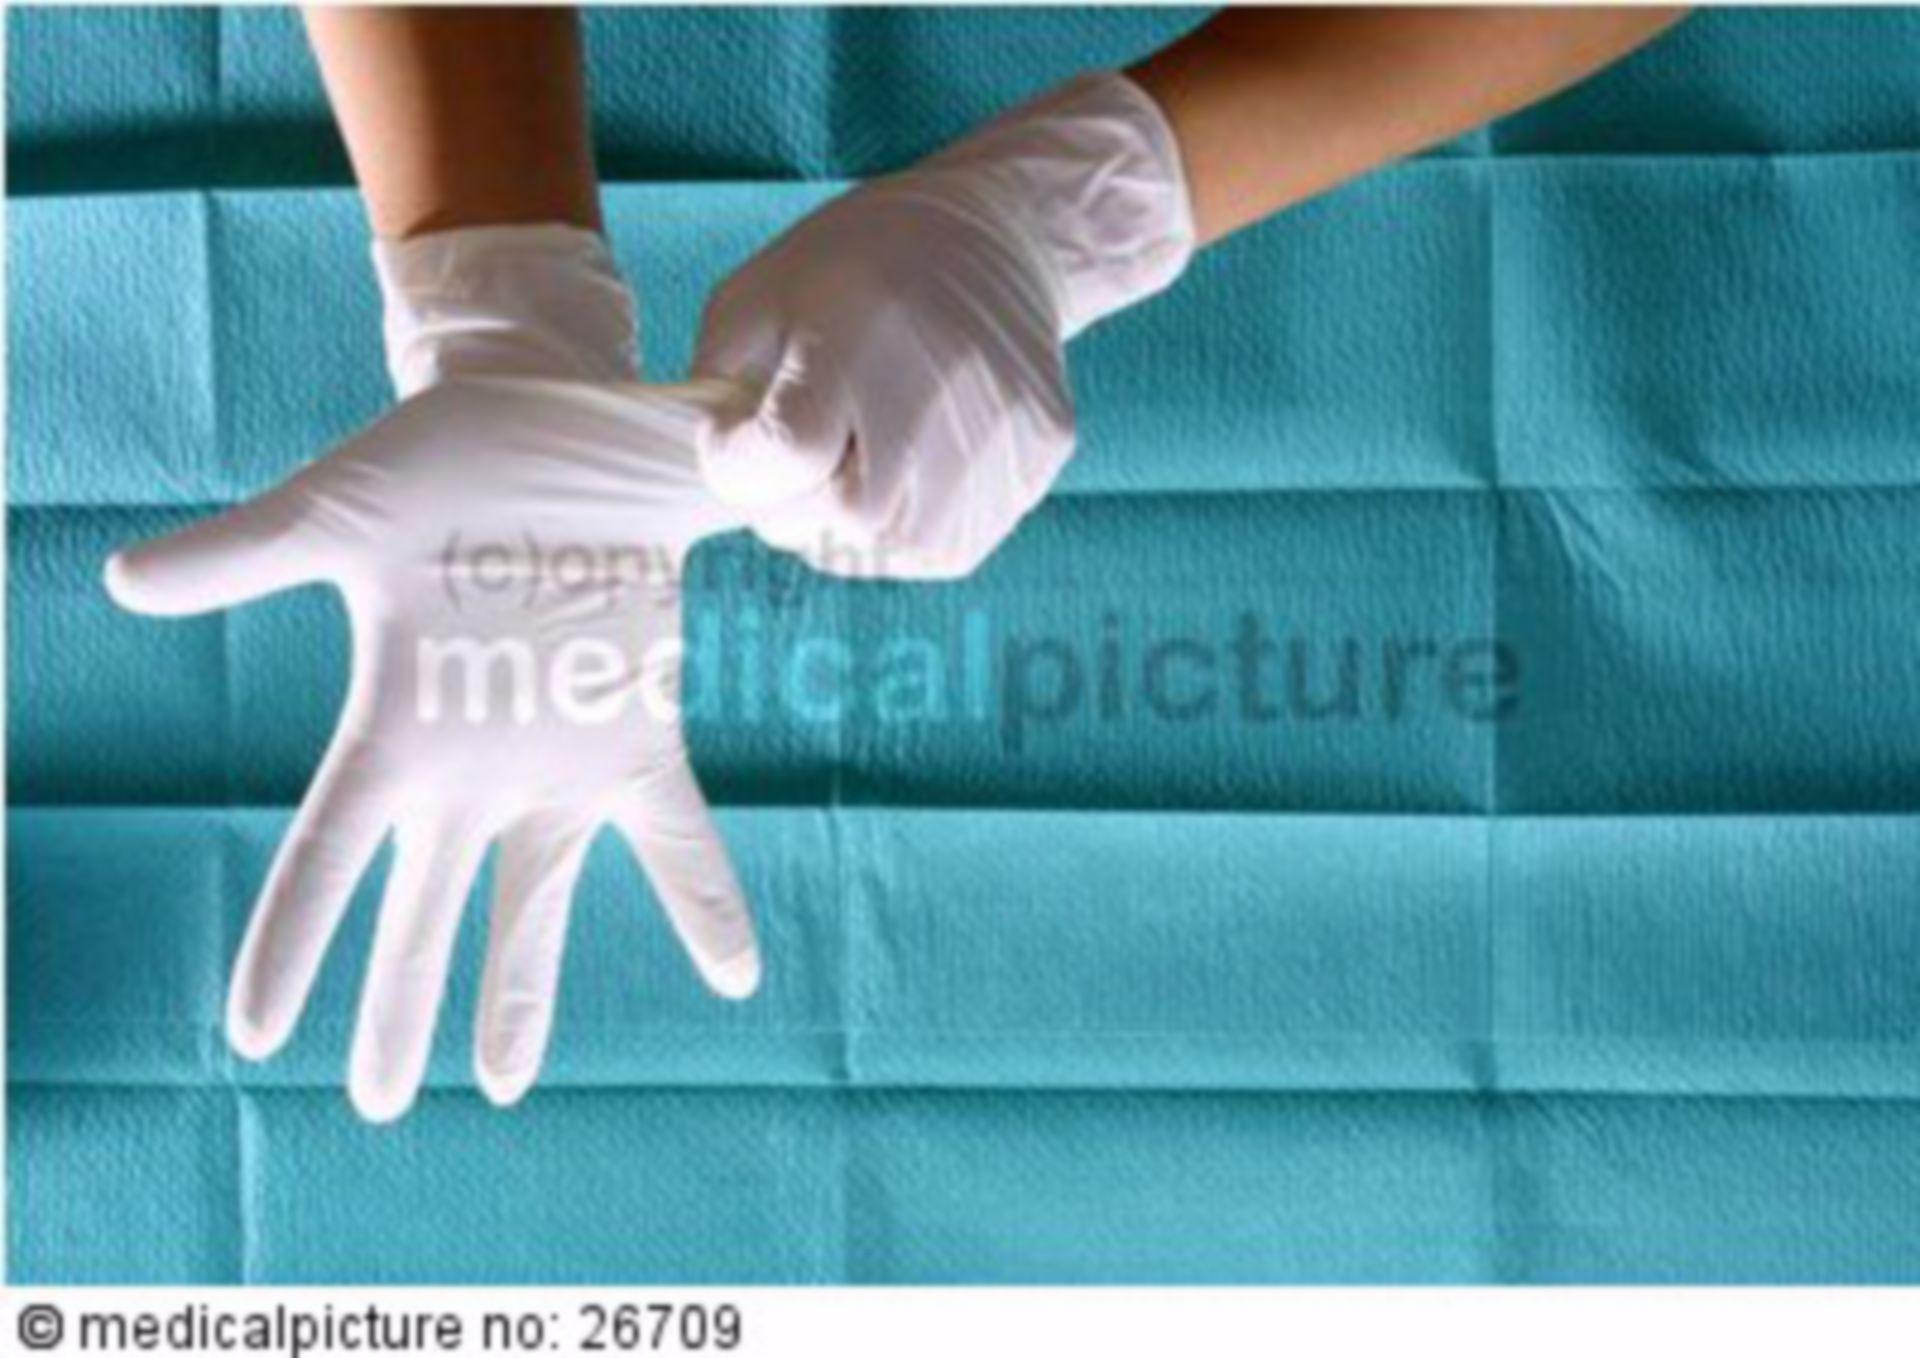 Anziehen von Einmalhandschuhen